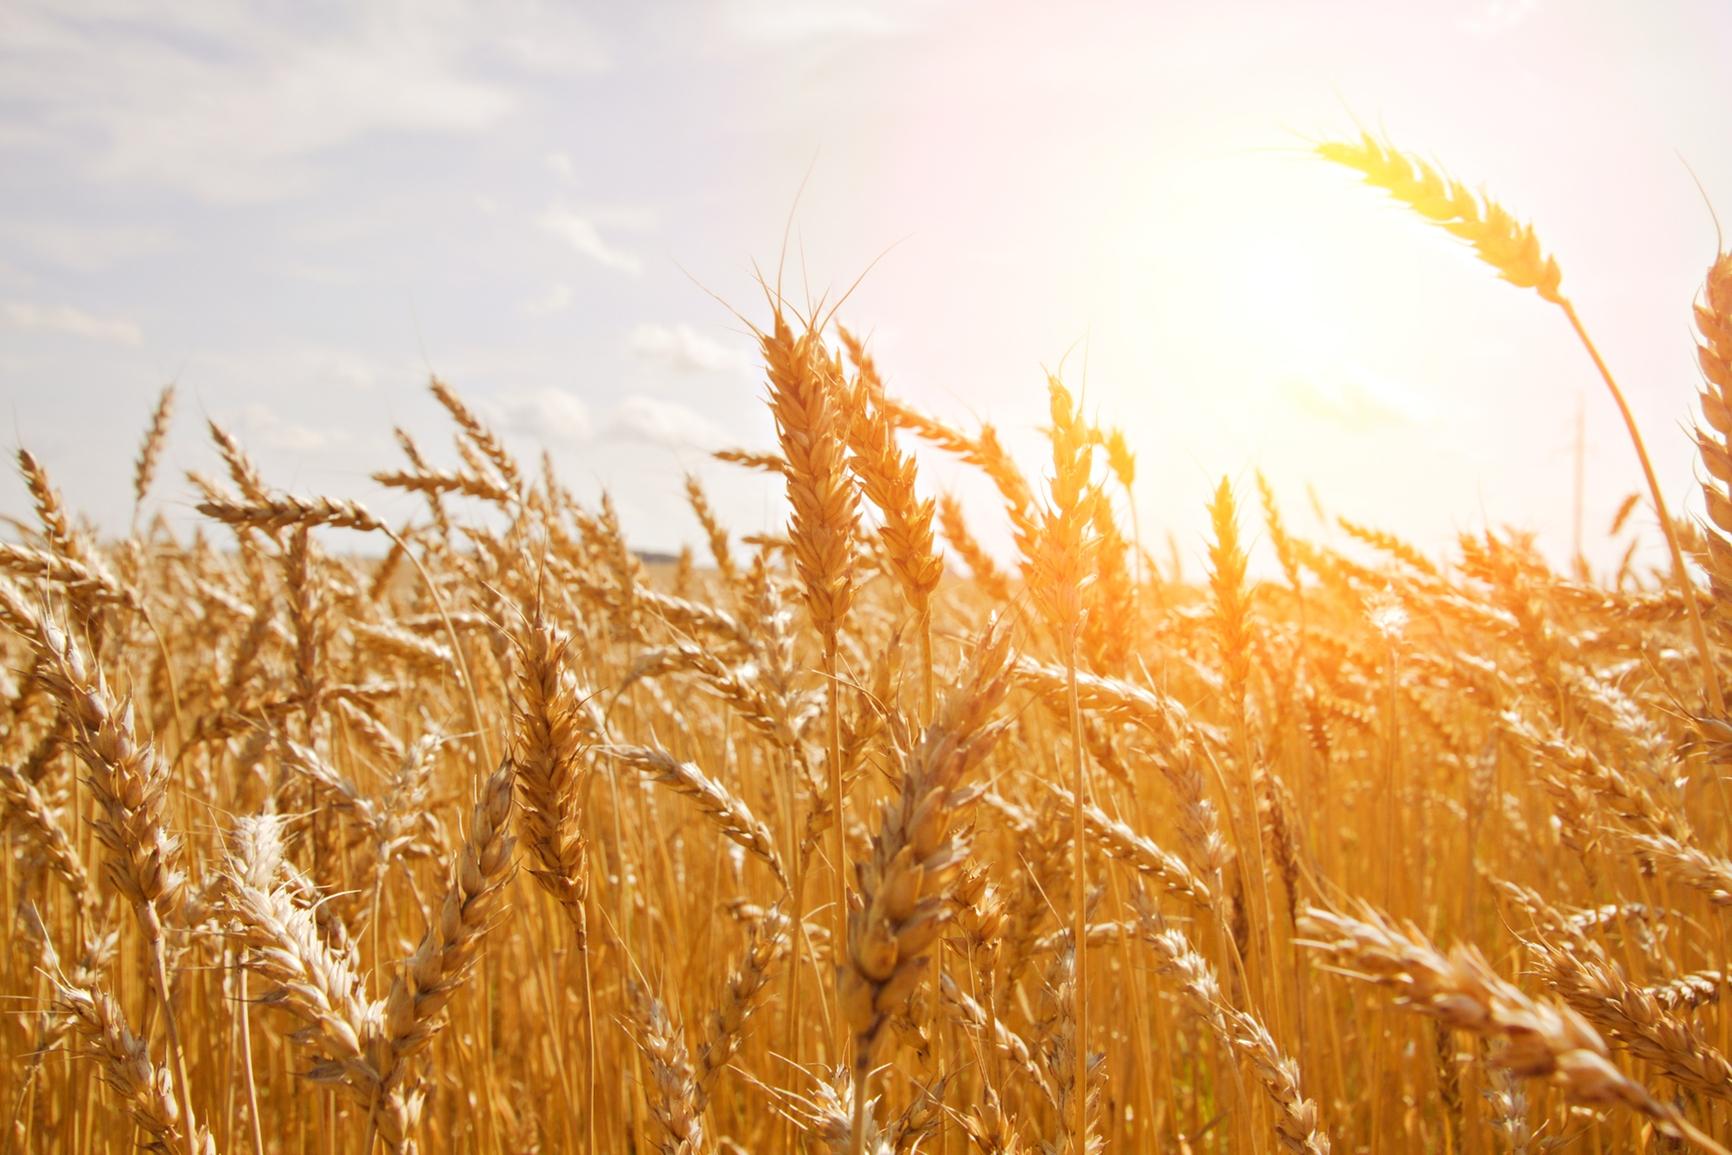 Grain clipart harvest field. Grains wheat the church